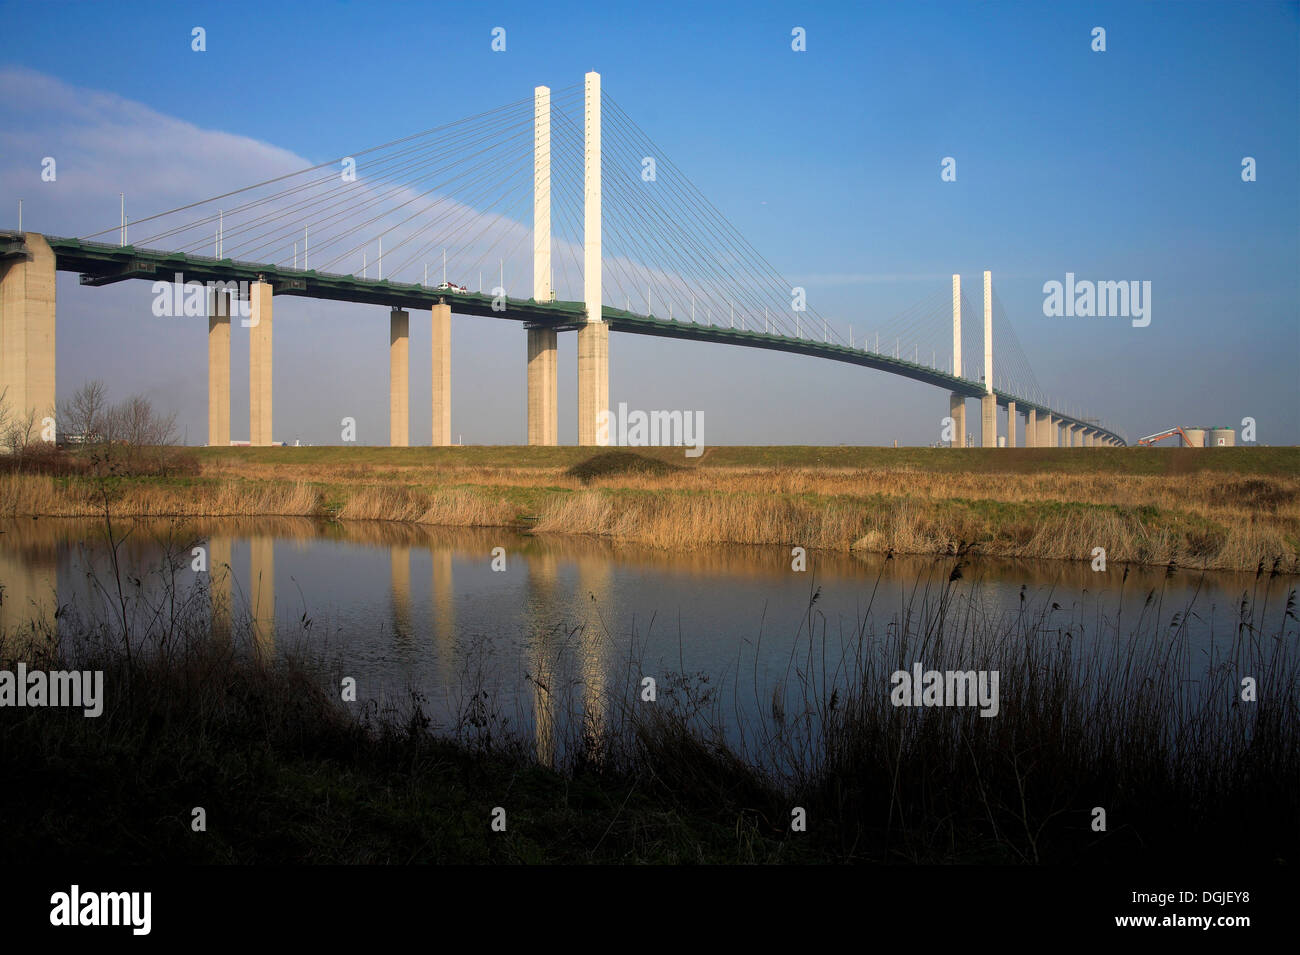 A view toward the QE 2 bridge at Dartford. - Stock Image